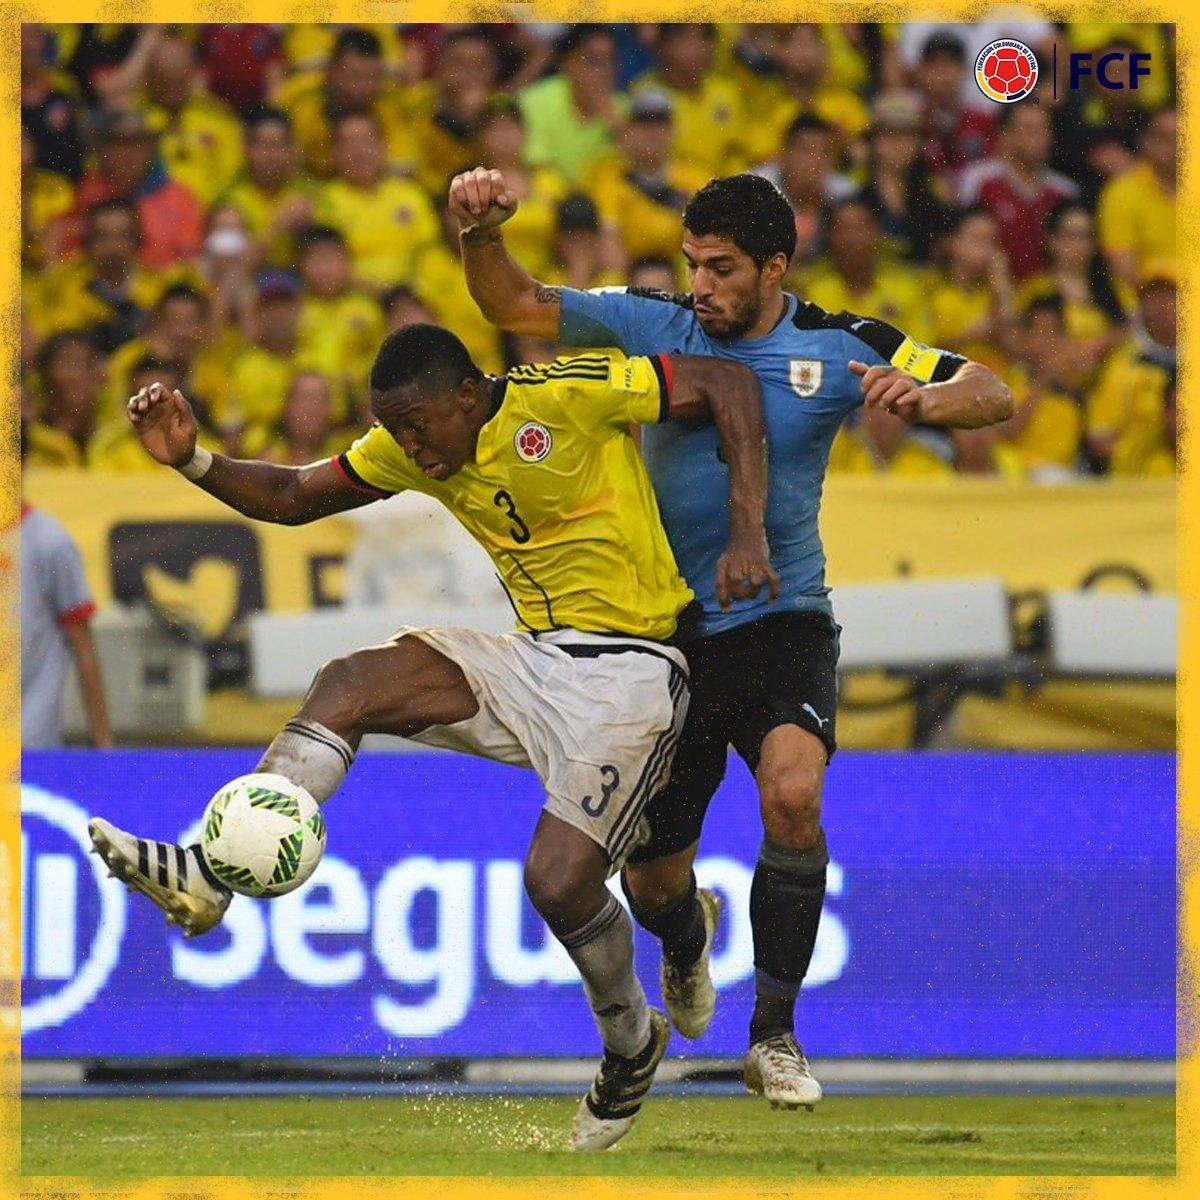 Termina el primer tiempo   Tras los primeros4⃣5⃣ minutos el partido estaba empatado  🇨🇴1⃣-1⃣🇺🇾   #EnModoEliminatorias #ViveElGolCaracol https://t.co/QnPONJk3C0